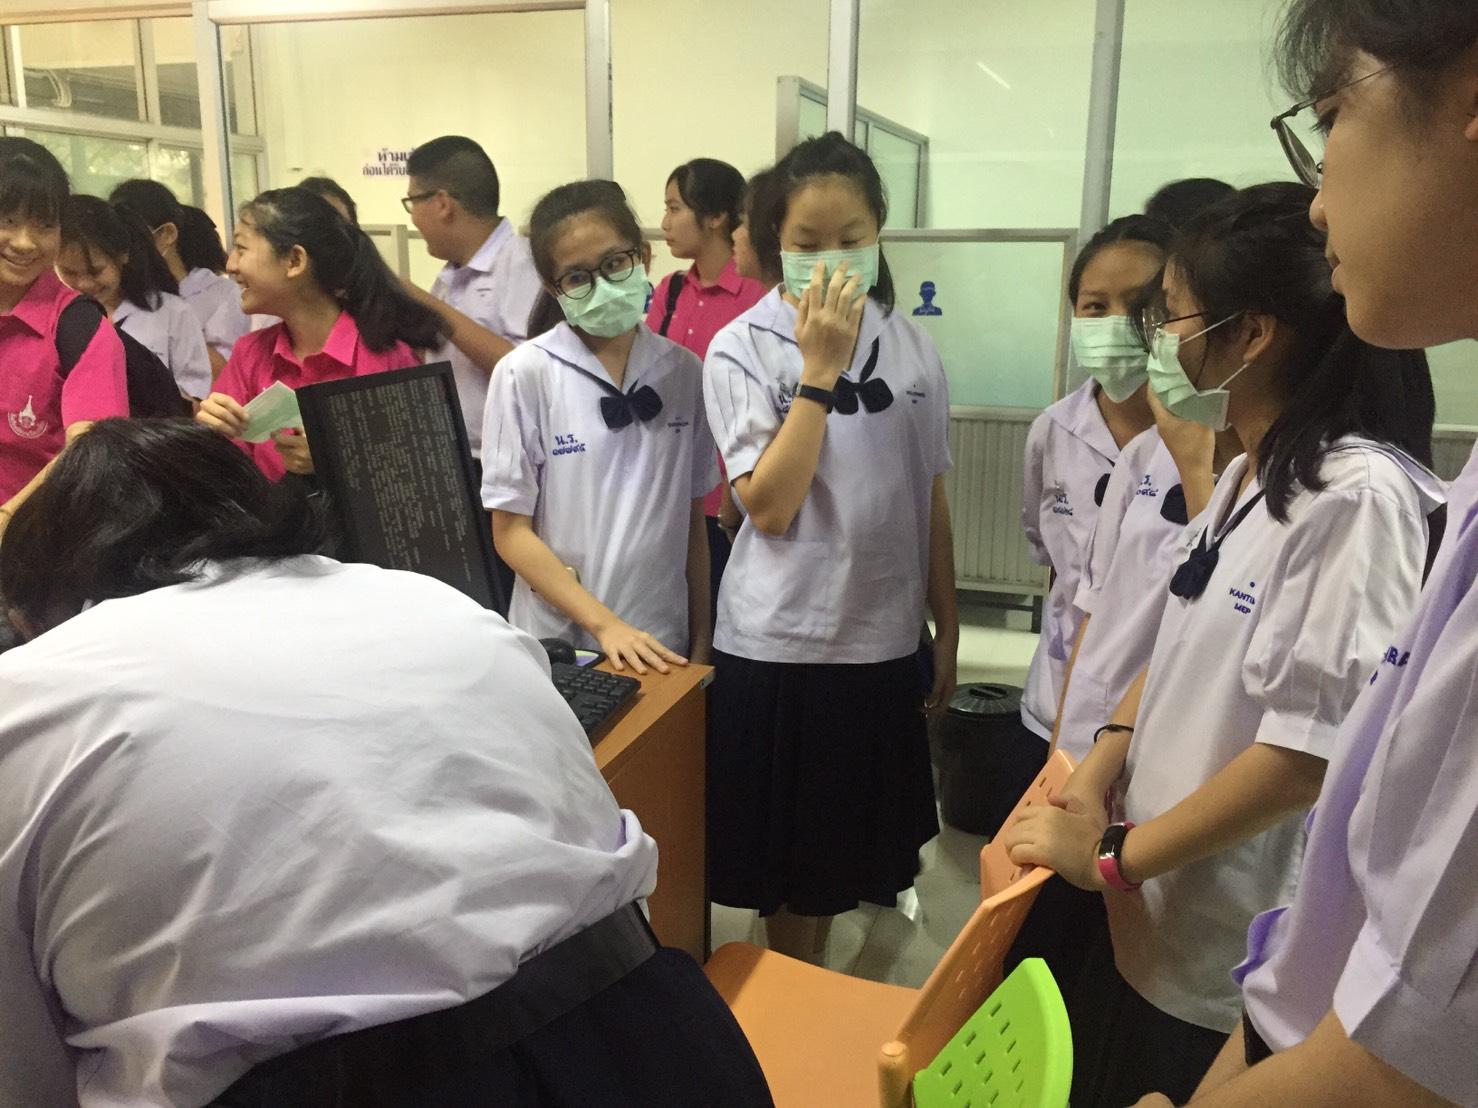 งานอนามัย โรงเรียนมัธยมวัดนายโรง แจกจ่ายหน้ากาก N95 เพื่อป้องกันฝุ่นละออง PM 2.5 แก่นักเรียน ครูและบุคลากรทุกคน